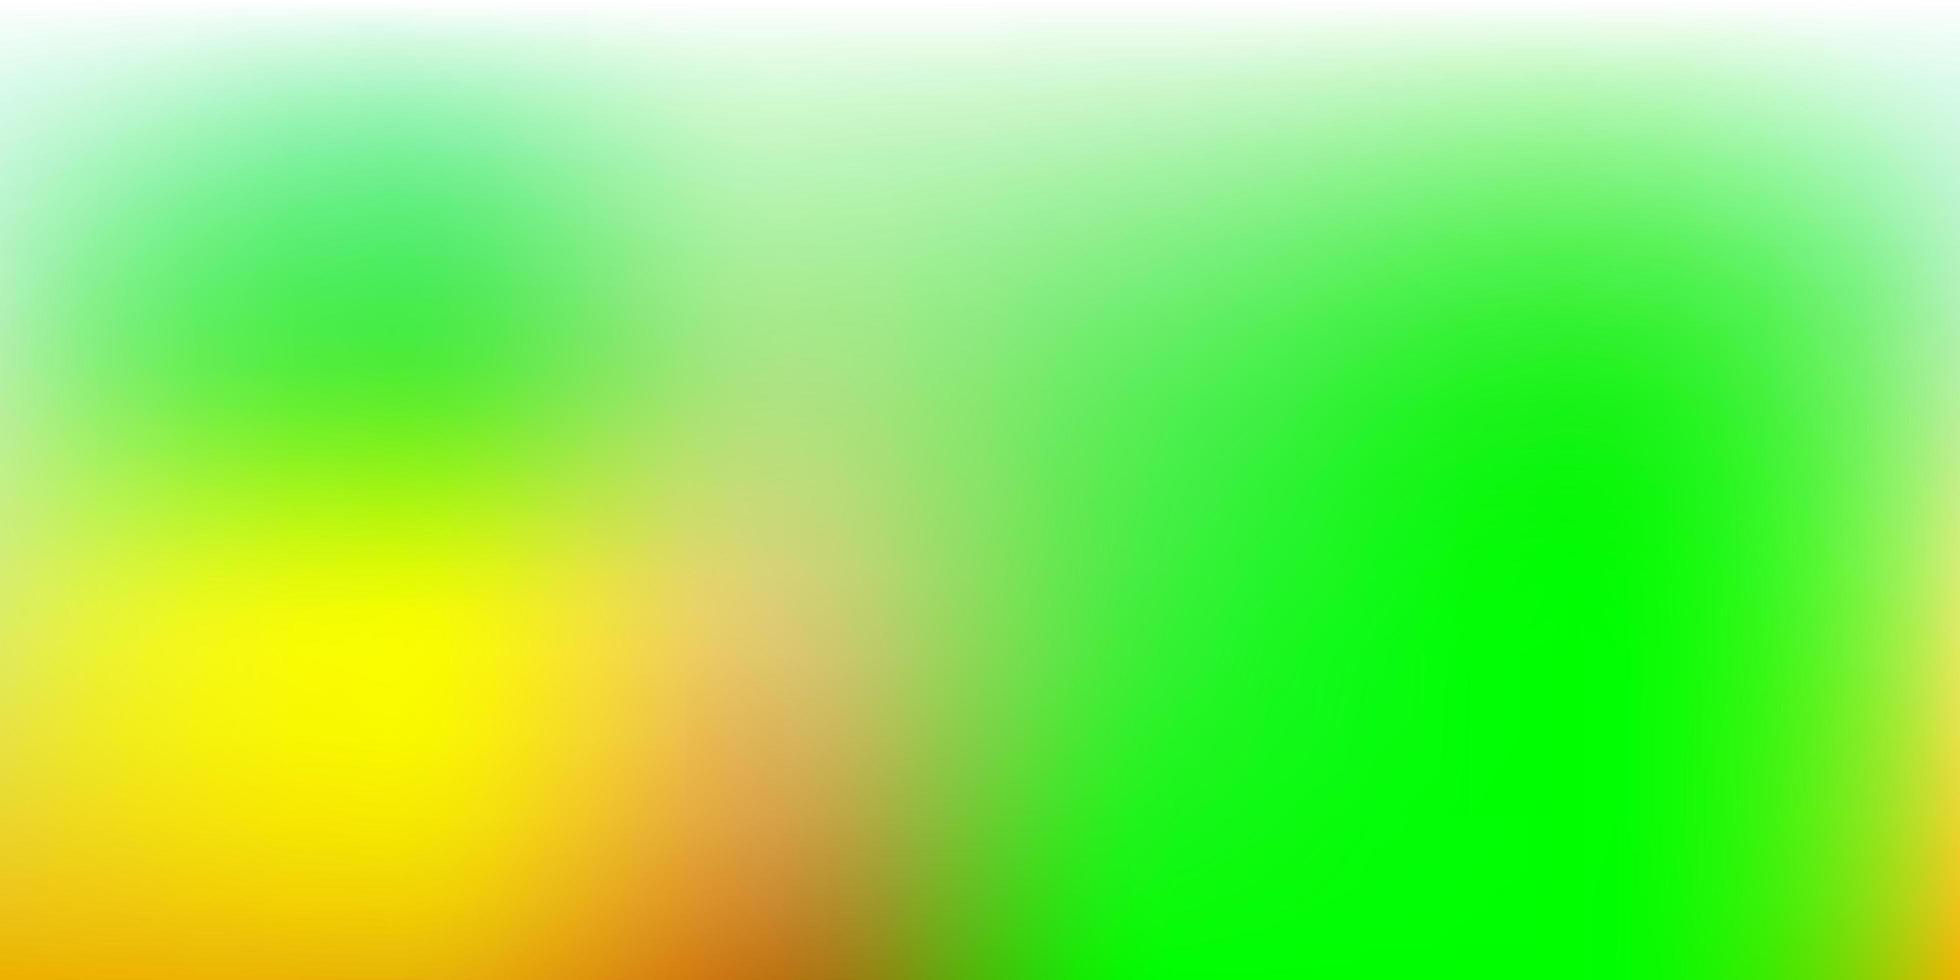 desenho de borrão abstrato de vetor multicolor escuro.